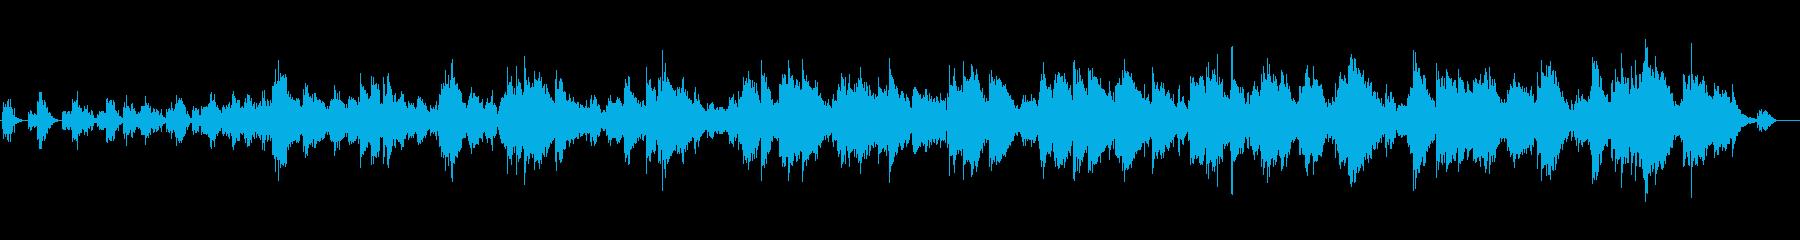 安らぎのヒーリングアンビエントの再生済みの波形